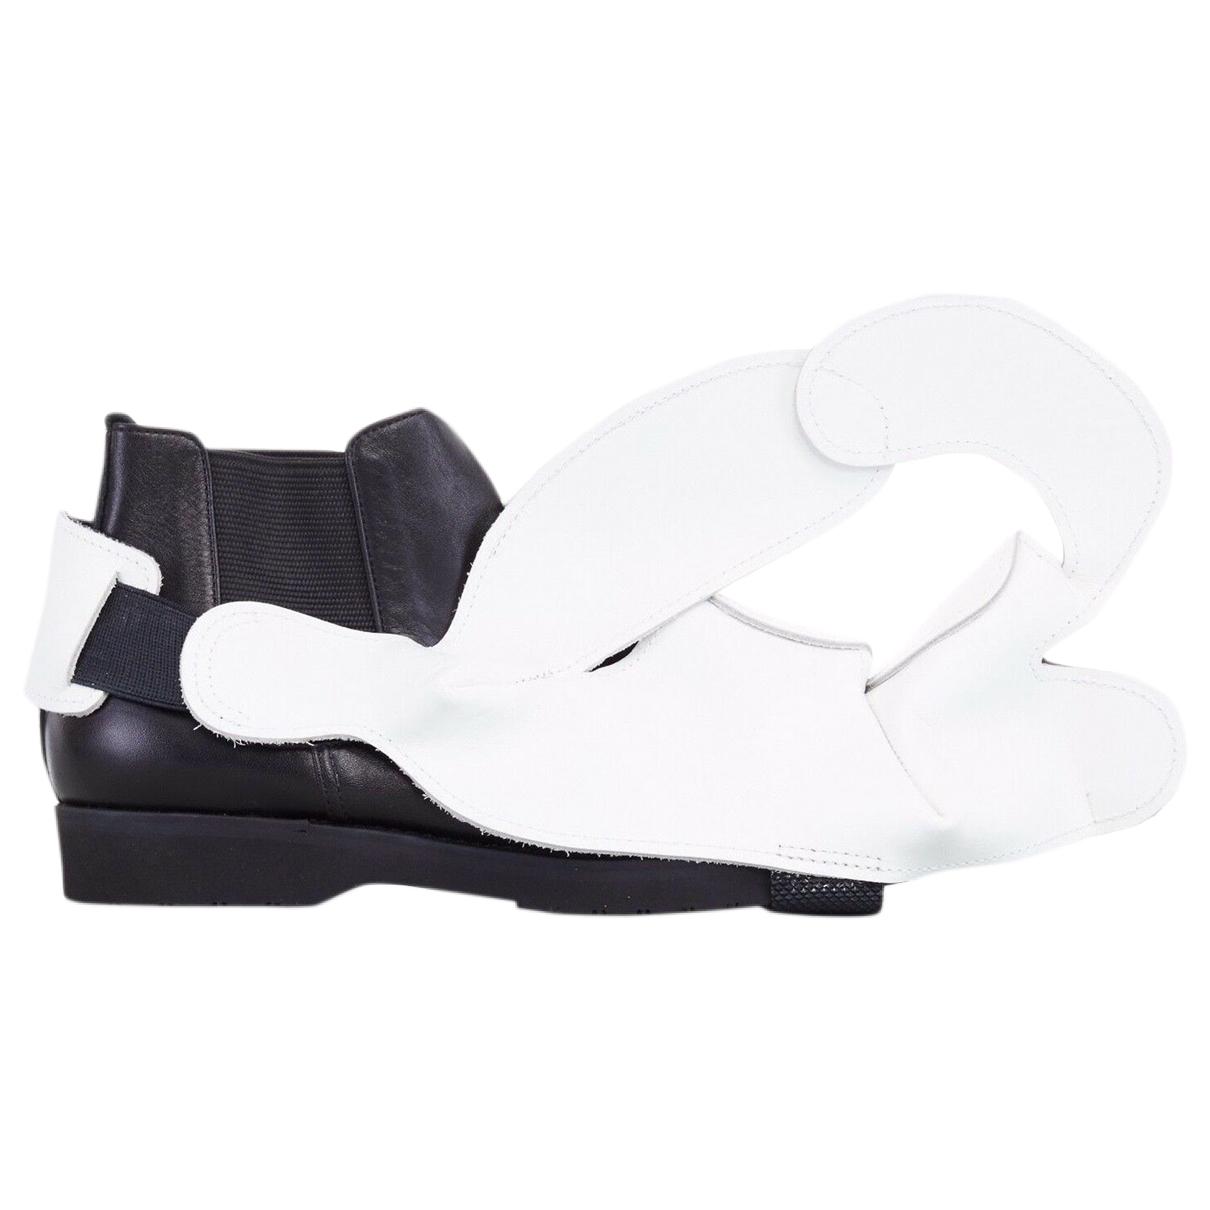 Comme Des Garcons \N Multicolour Leather Ankle boots for Women 34 EU